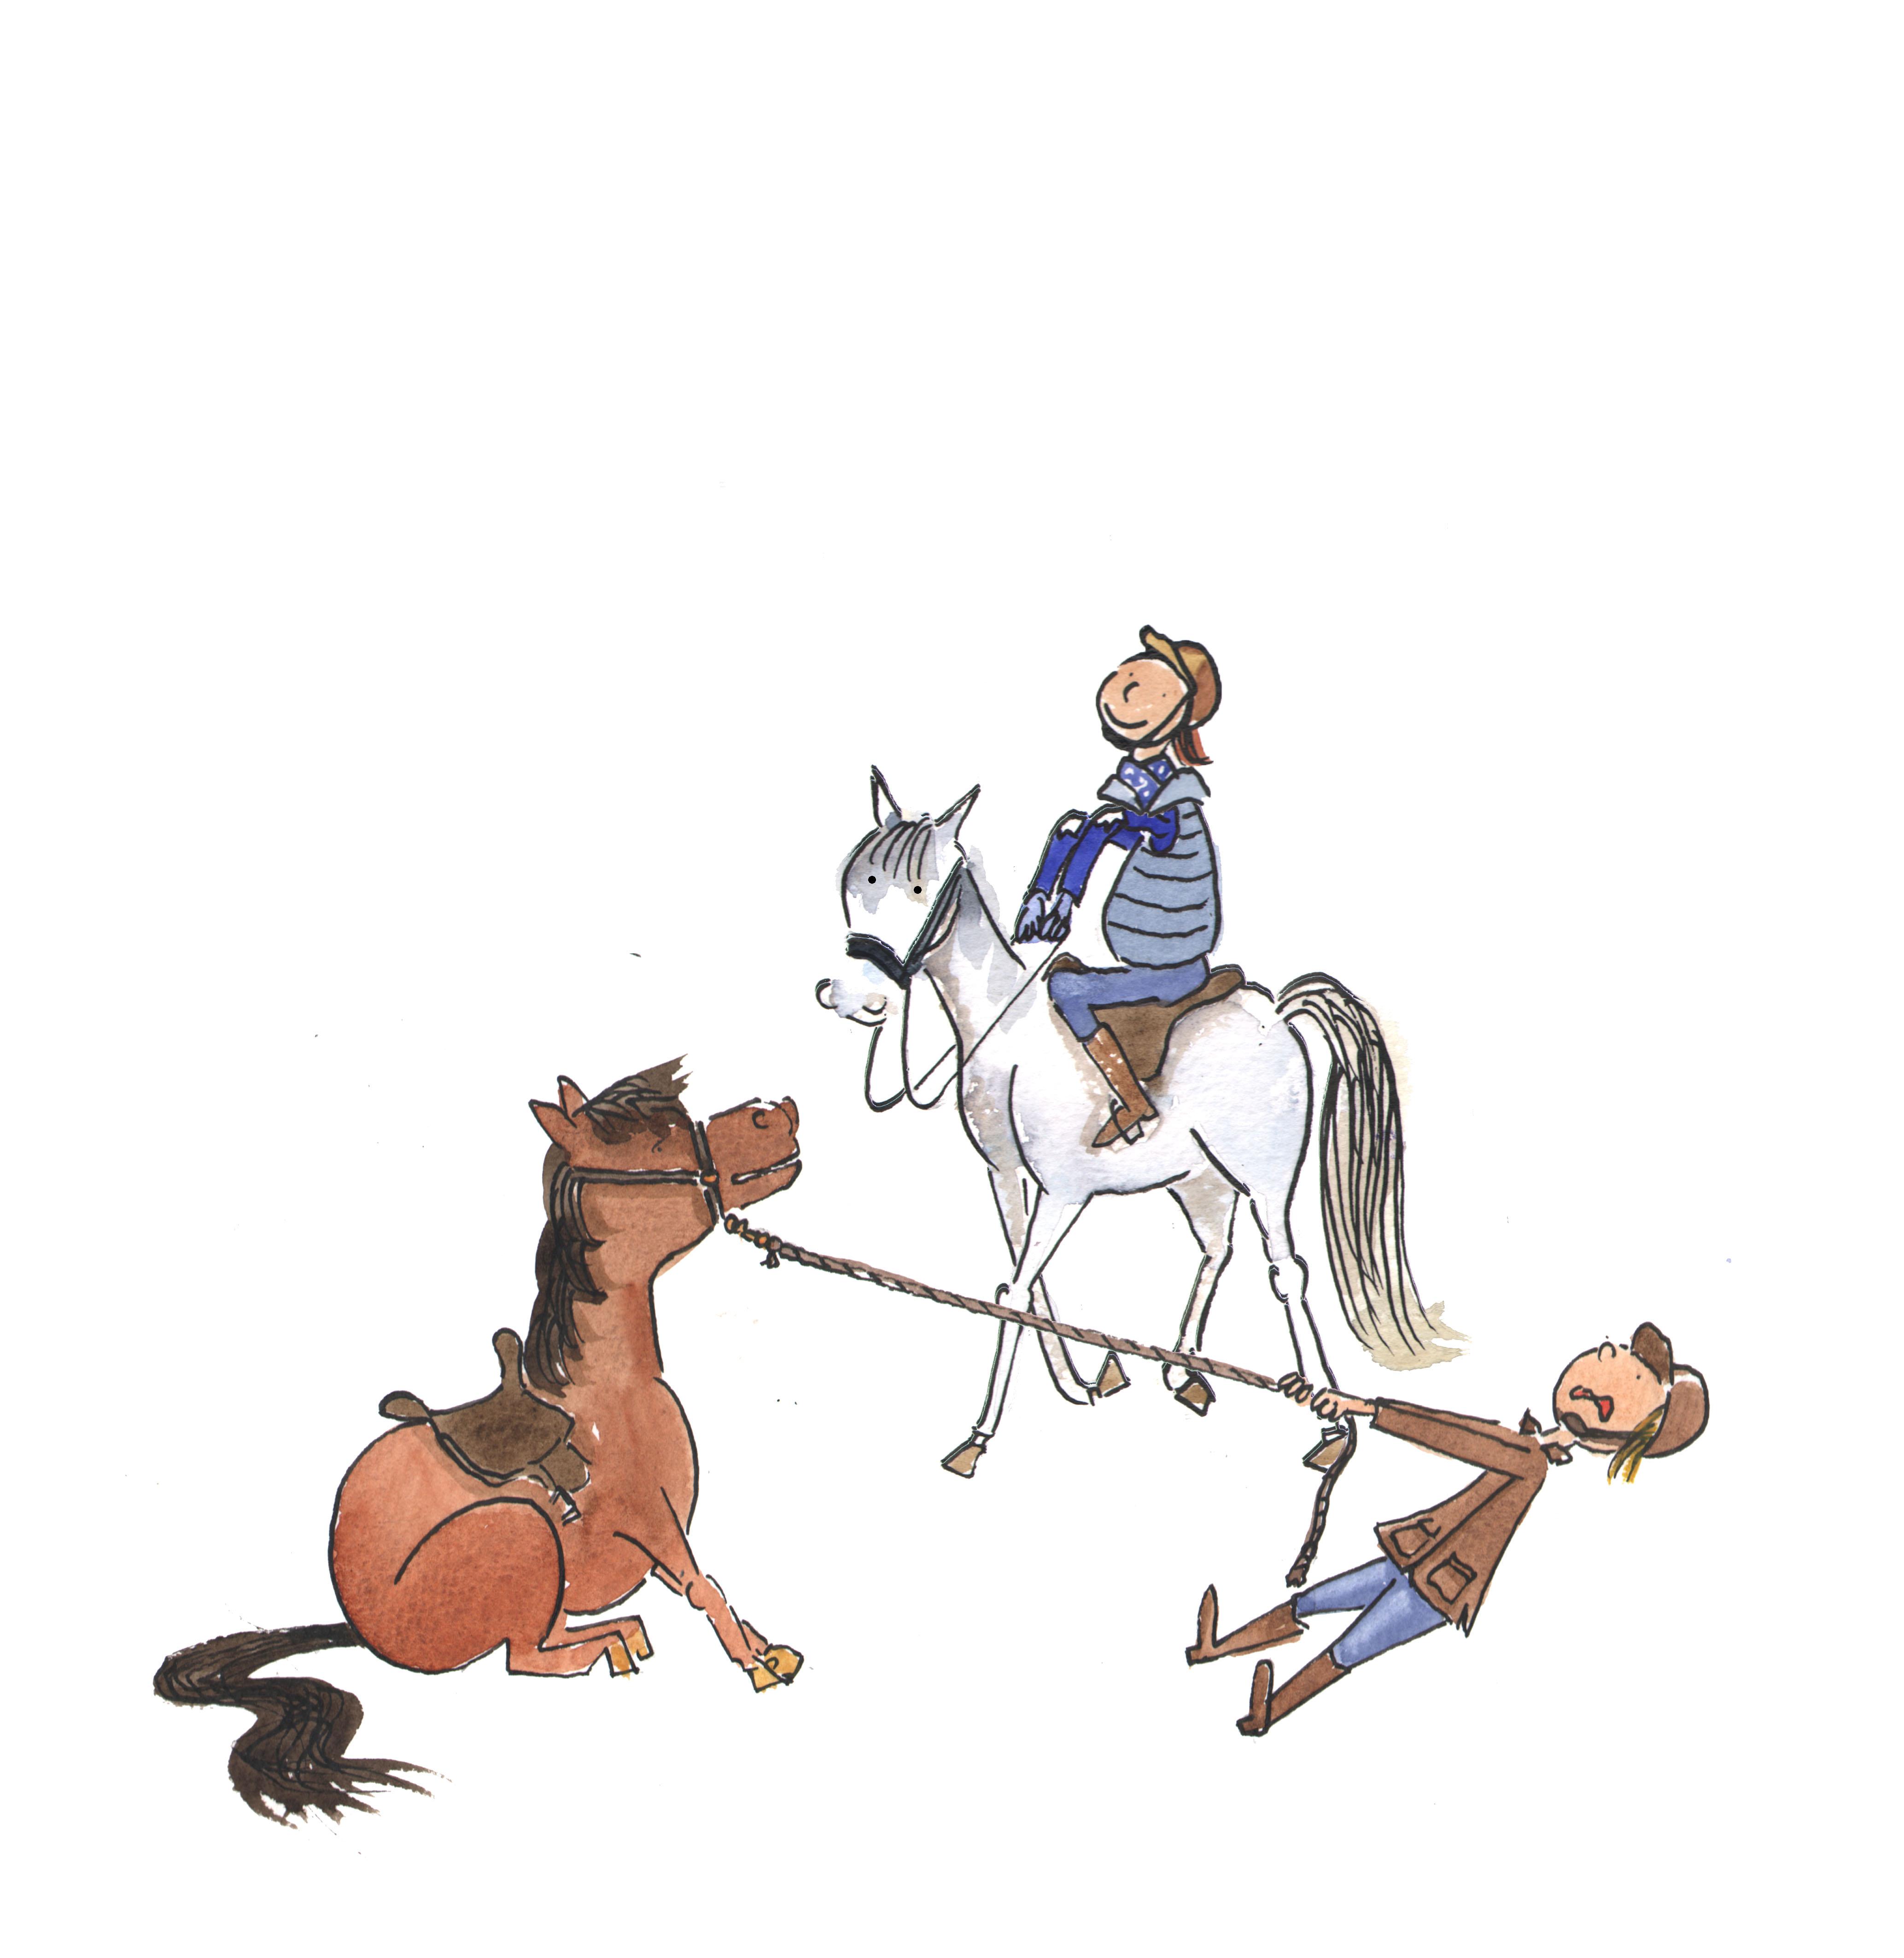 A&E riding